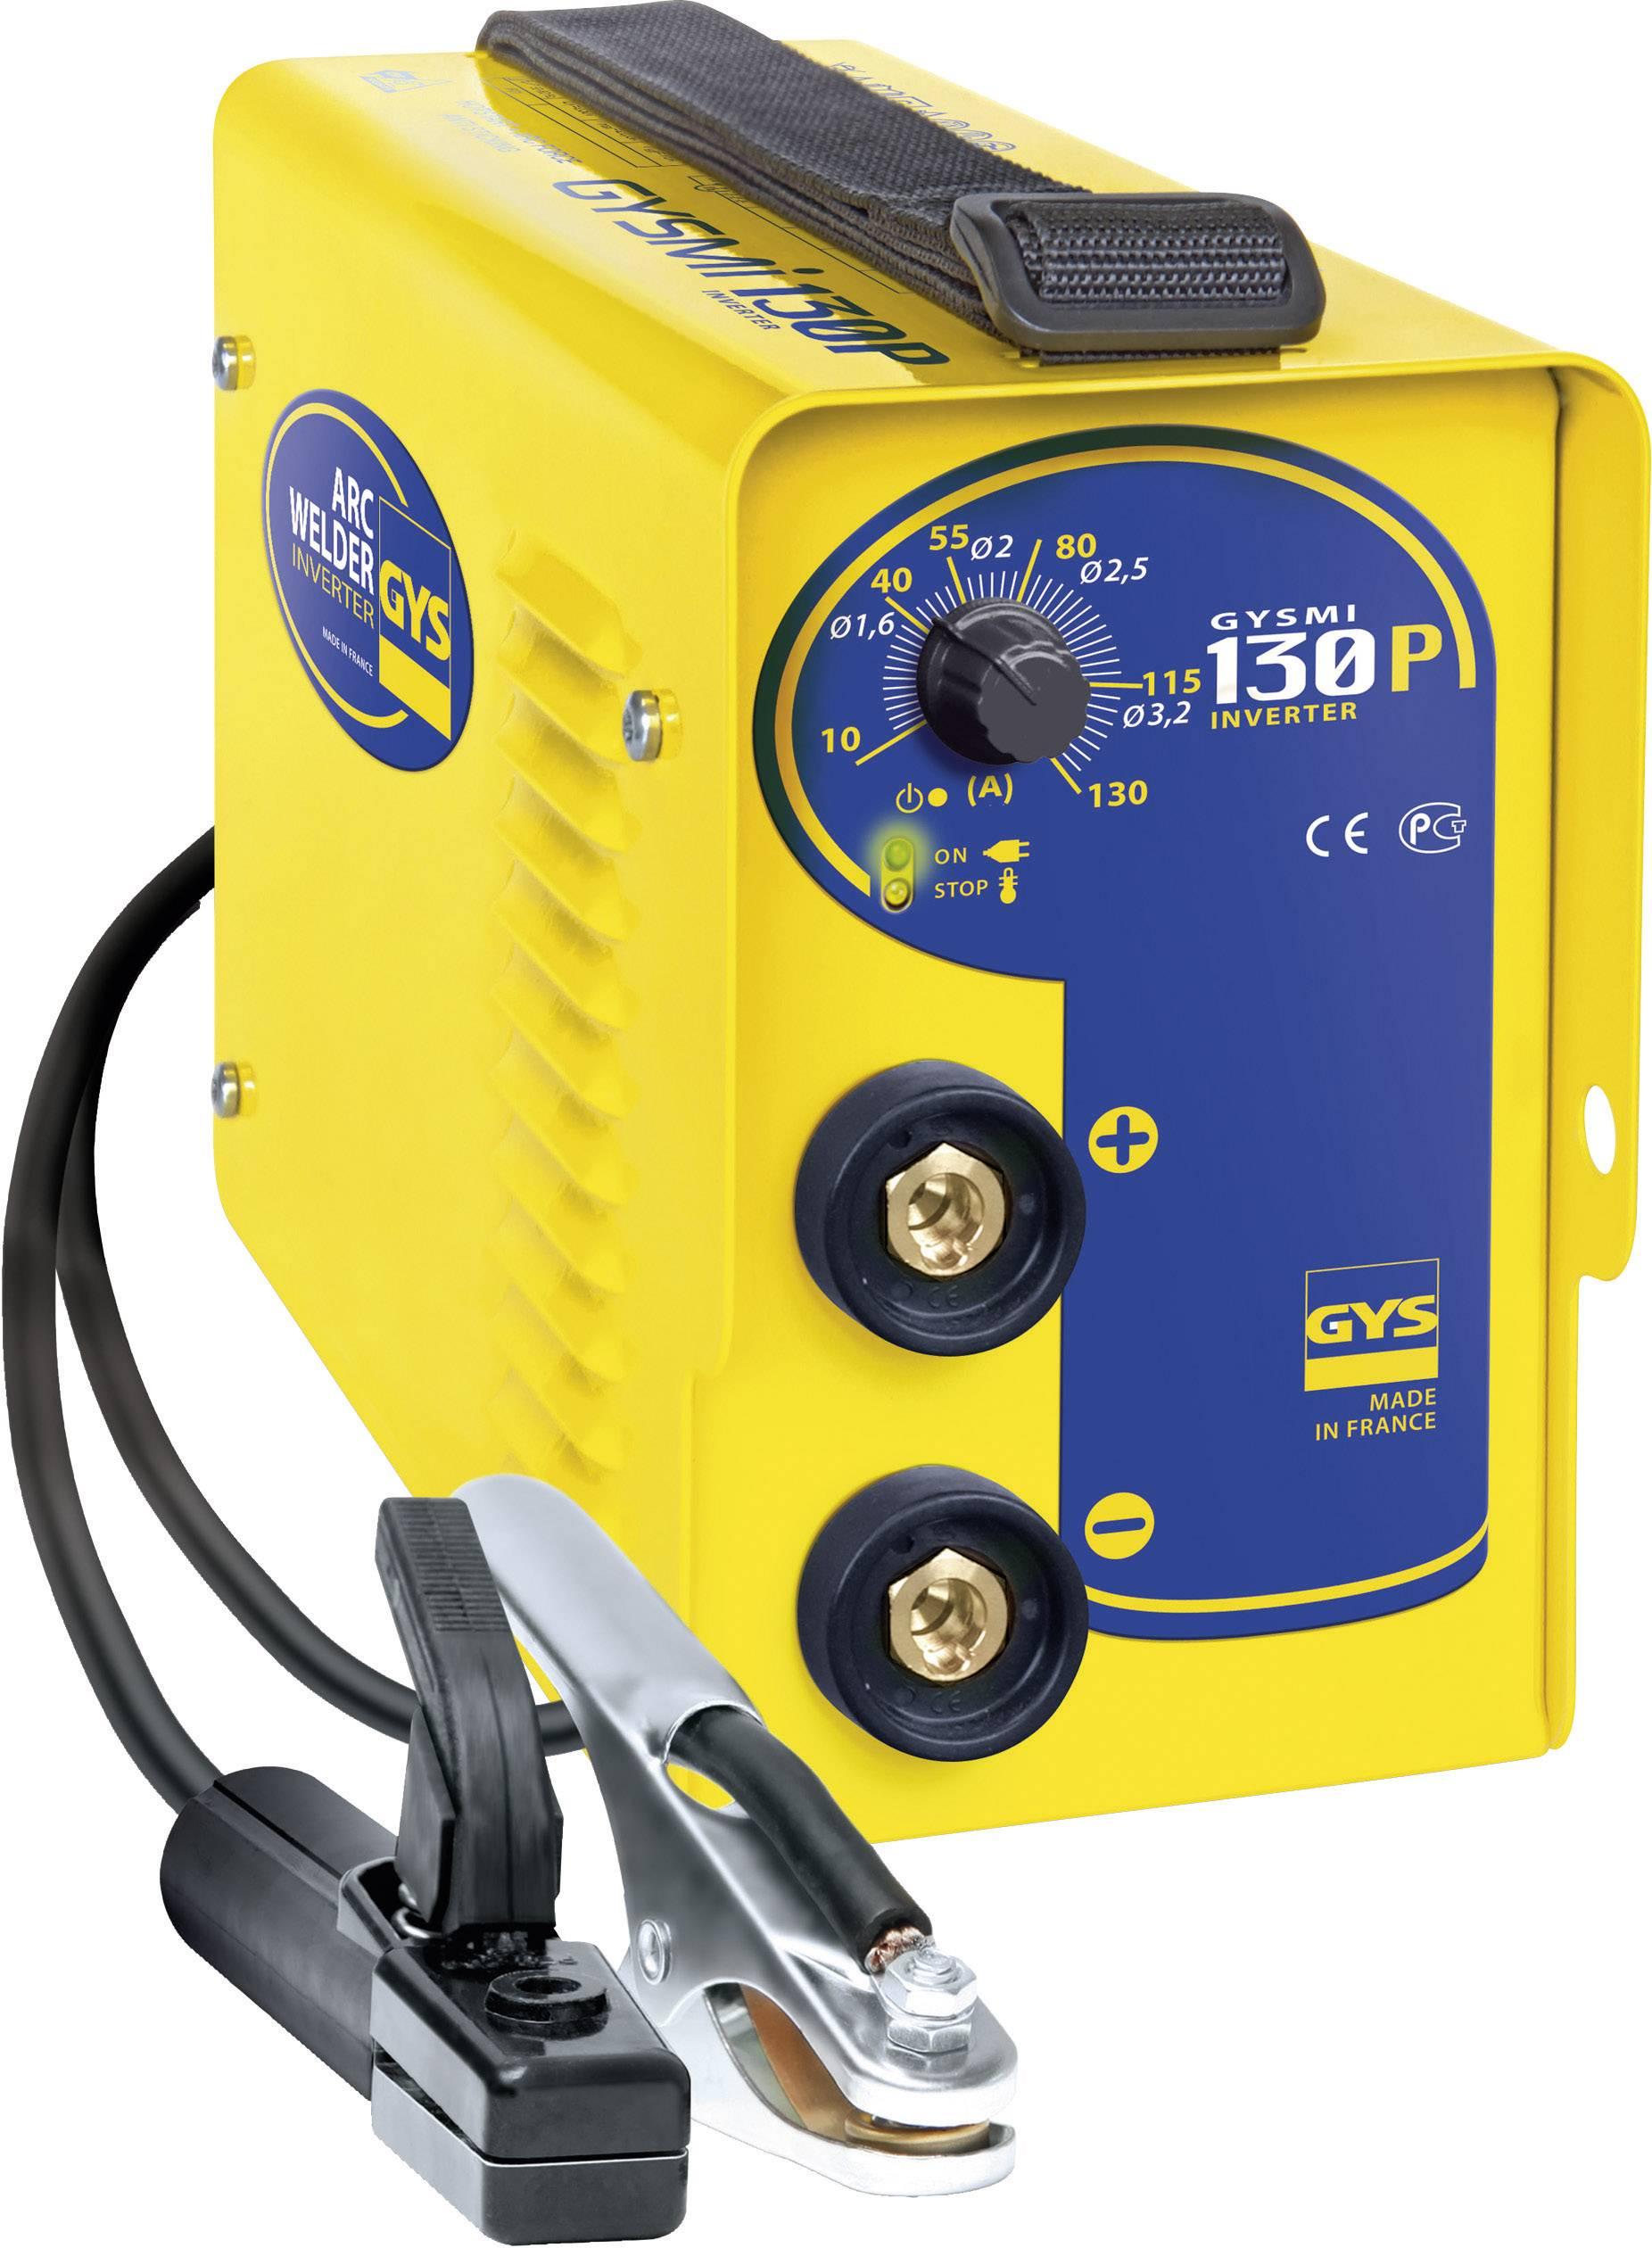 Elektrická zváračka GYS I 130P 029972, 10 - 130 A